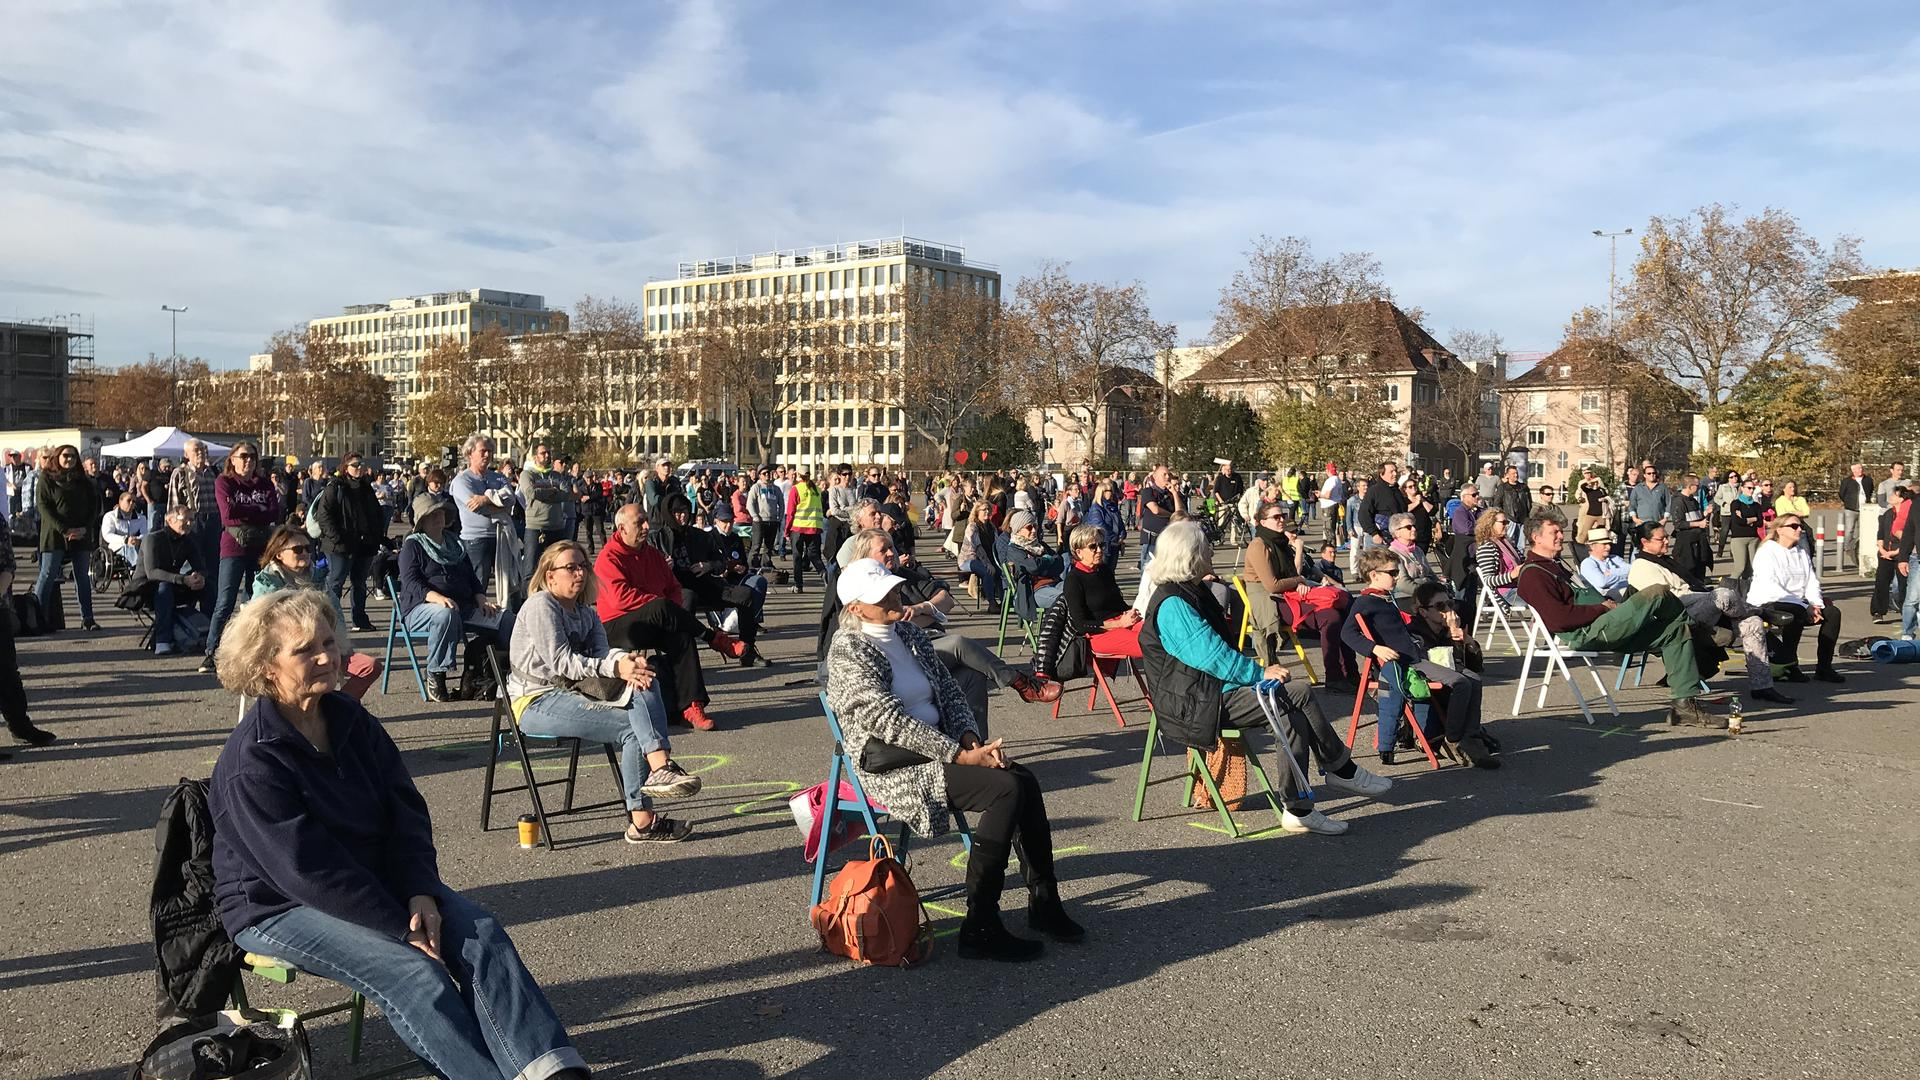 Rund 1.000 Menschen versammmelten sich am Samstag auf dem Messplatz in Karlsruhe, um gegen die Corona-Auflagen zu demonstrieren.